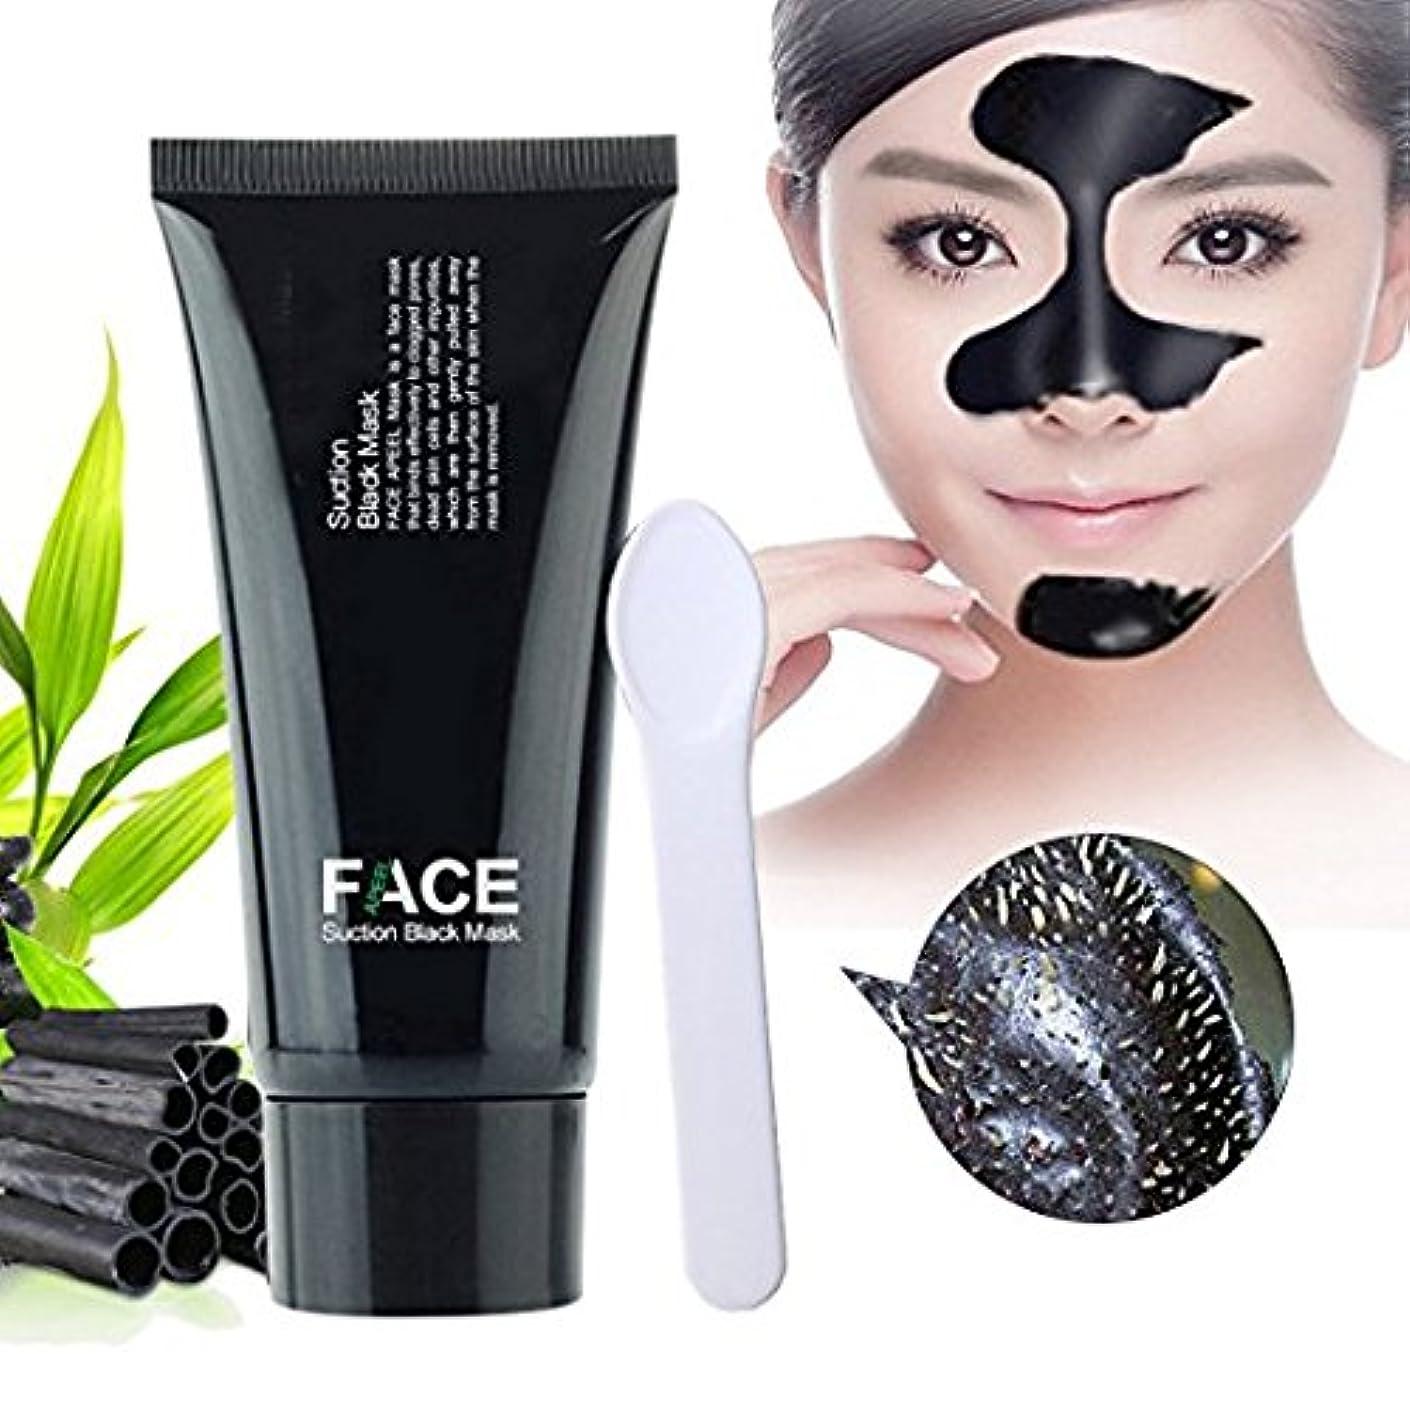 考案する蒸留するとは異なりBlackhead Remover Mask, FaceApeel-Peel Off Black Head Acne Treatments,Face Cleaning Mask+Spoon